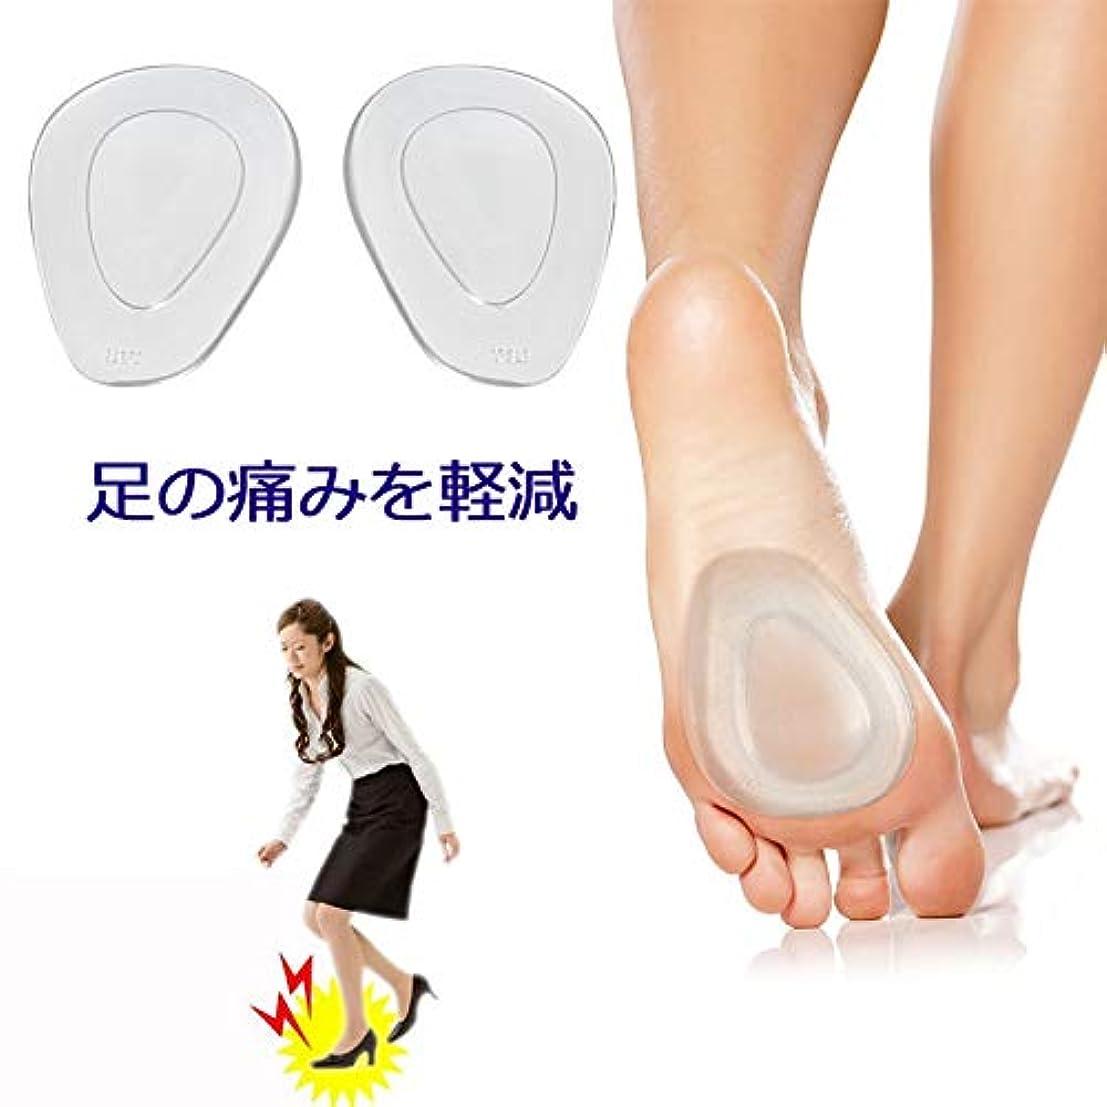 現代リレー市長靴 インソール,透明 前ズレ防止 ジェルパッド つま先の痛み緩和 つま先の 足裏マッサージ 靴ずれ防止パッド 柔らかい つま先ジェルクッション(4枚)